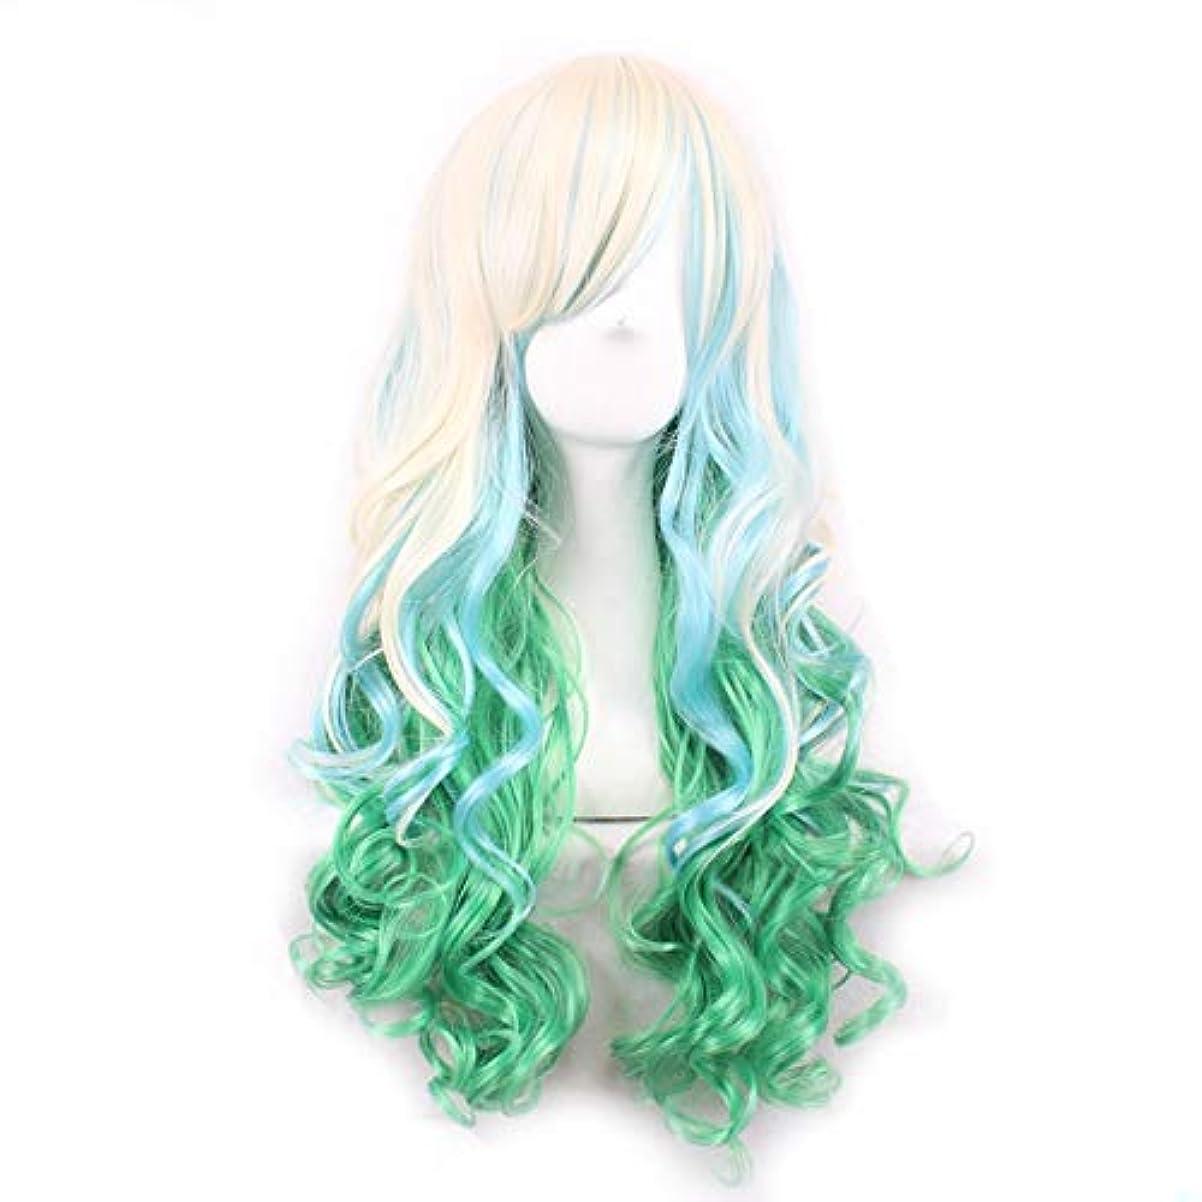 暗殺者大胆写真のウィッグキャップでかつらファンシードレスカールかつら女性用高品質合成毛髪コスプレ高密度かつら女性&女の子用グリーン、ダークグリーン (Color : 緑)